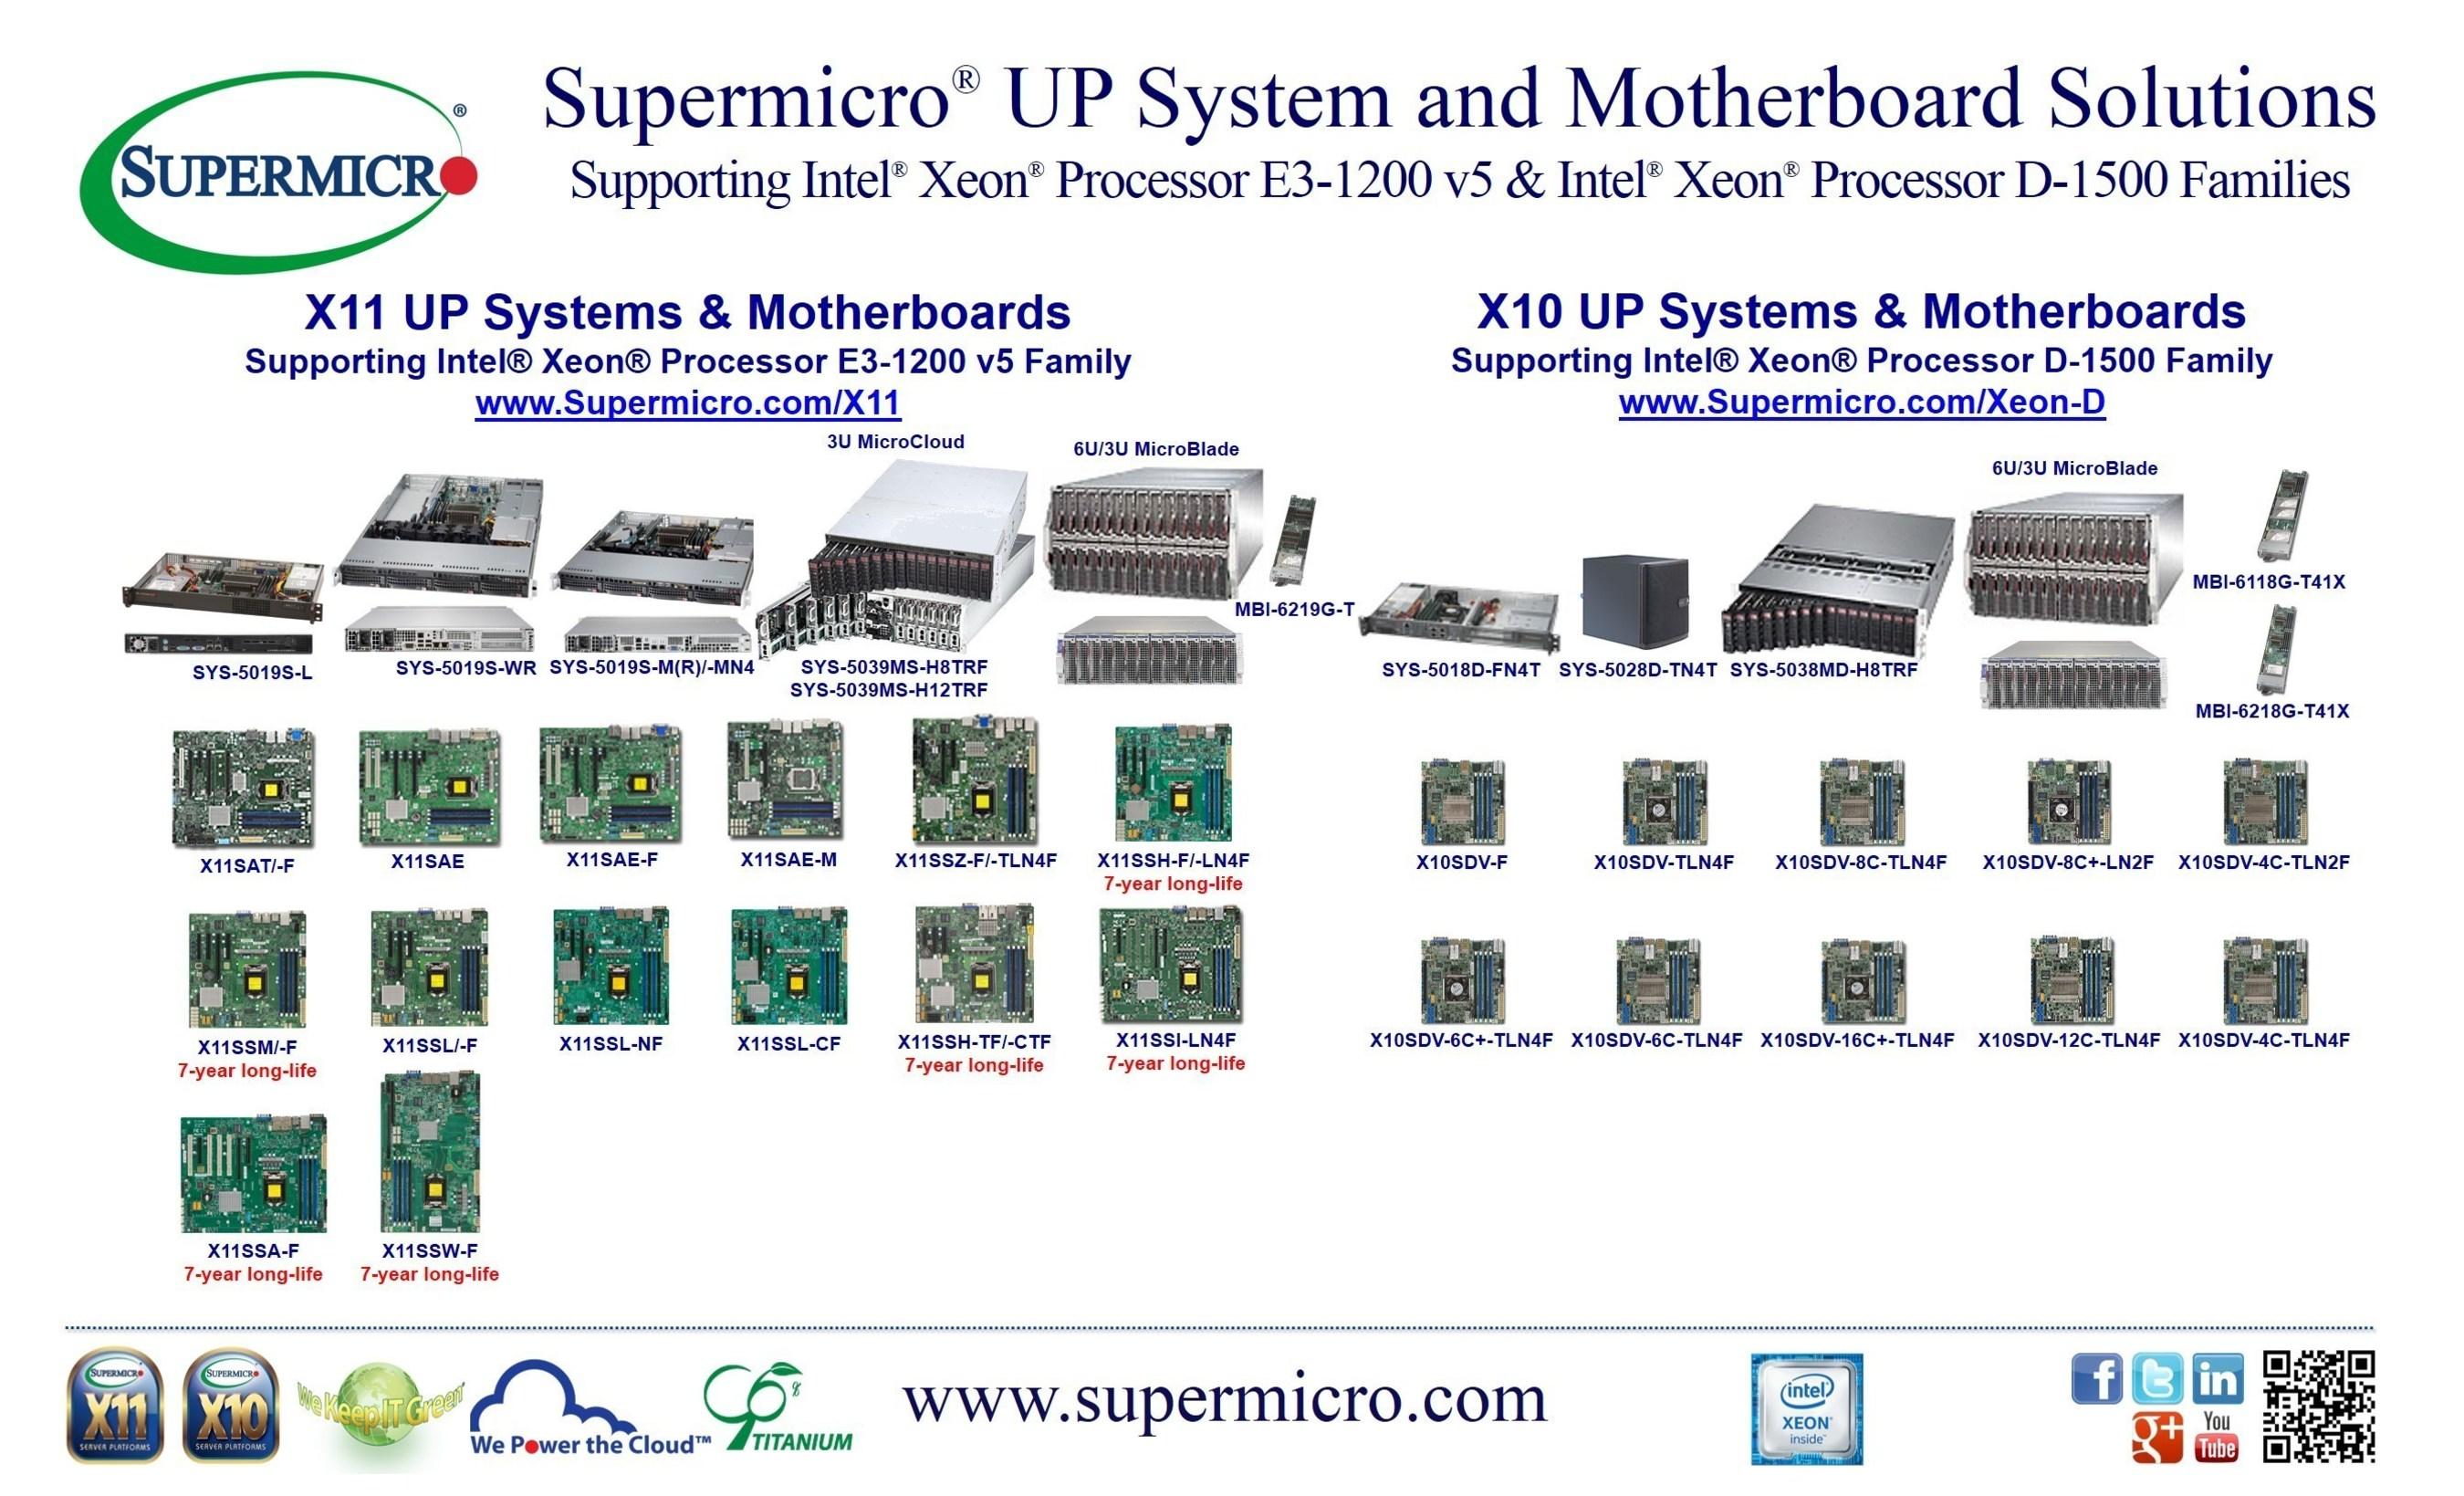 Supermicro® führt nächste Generation von UP Solutions für Intel® Xeon® Prozessor E3-1200 v5 und